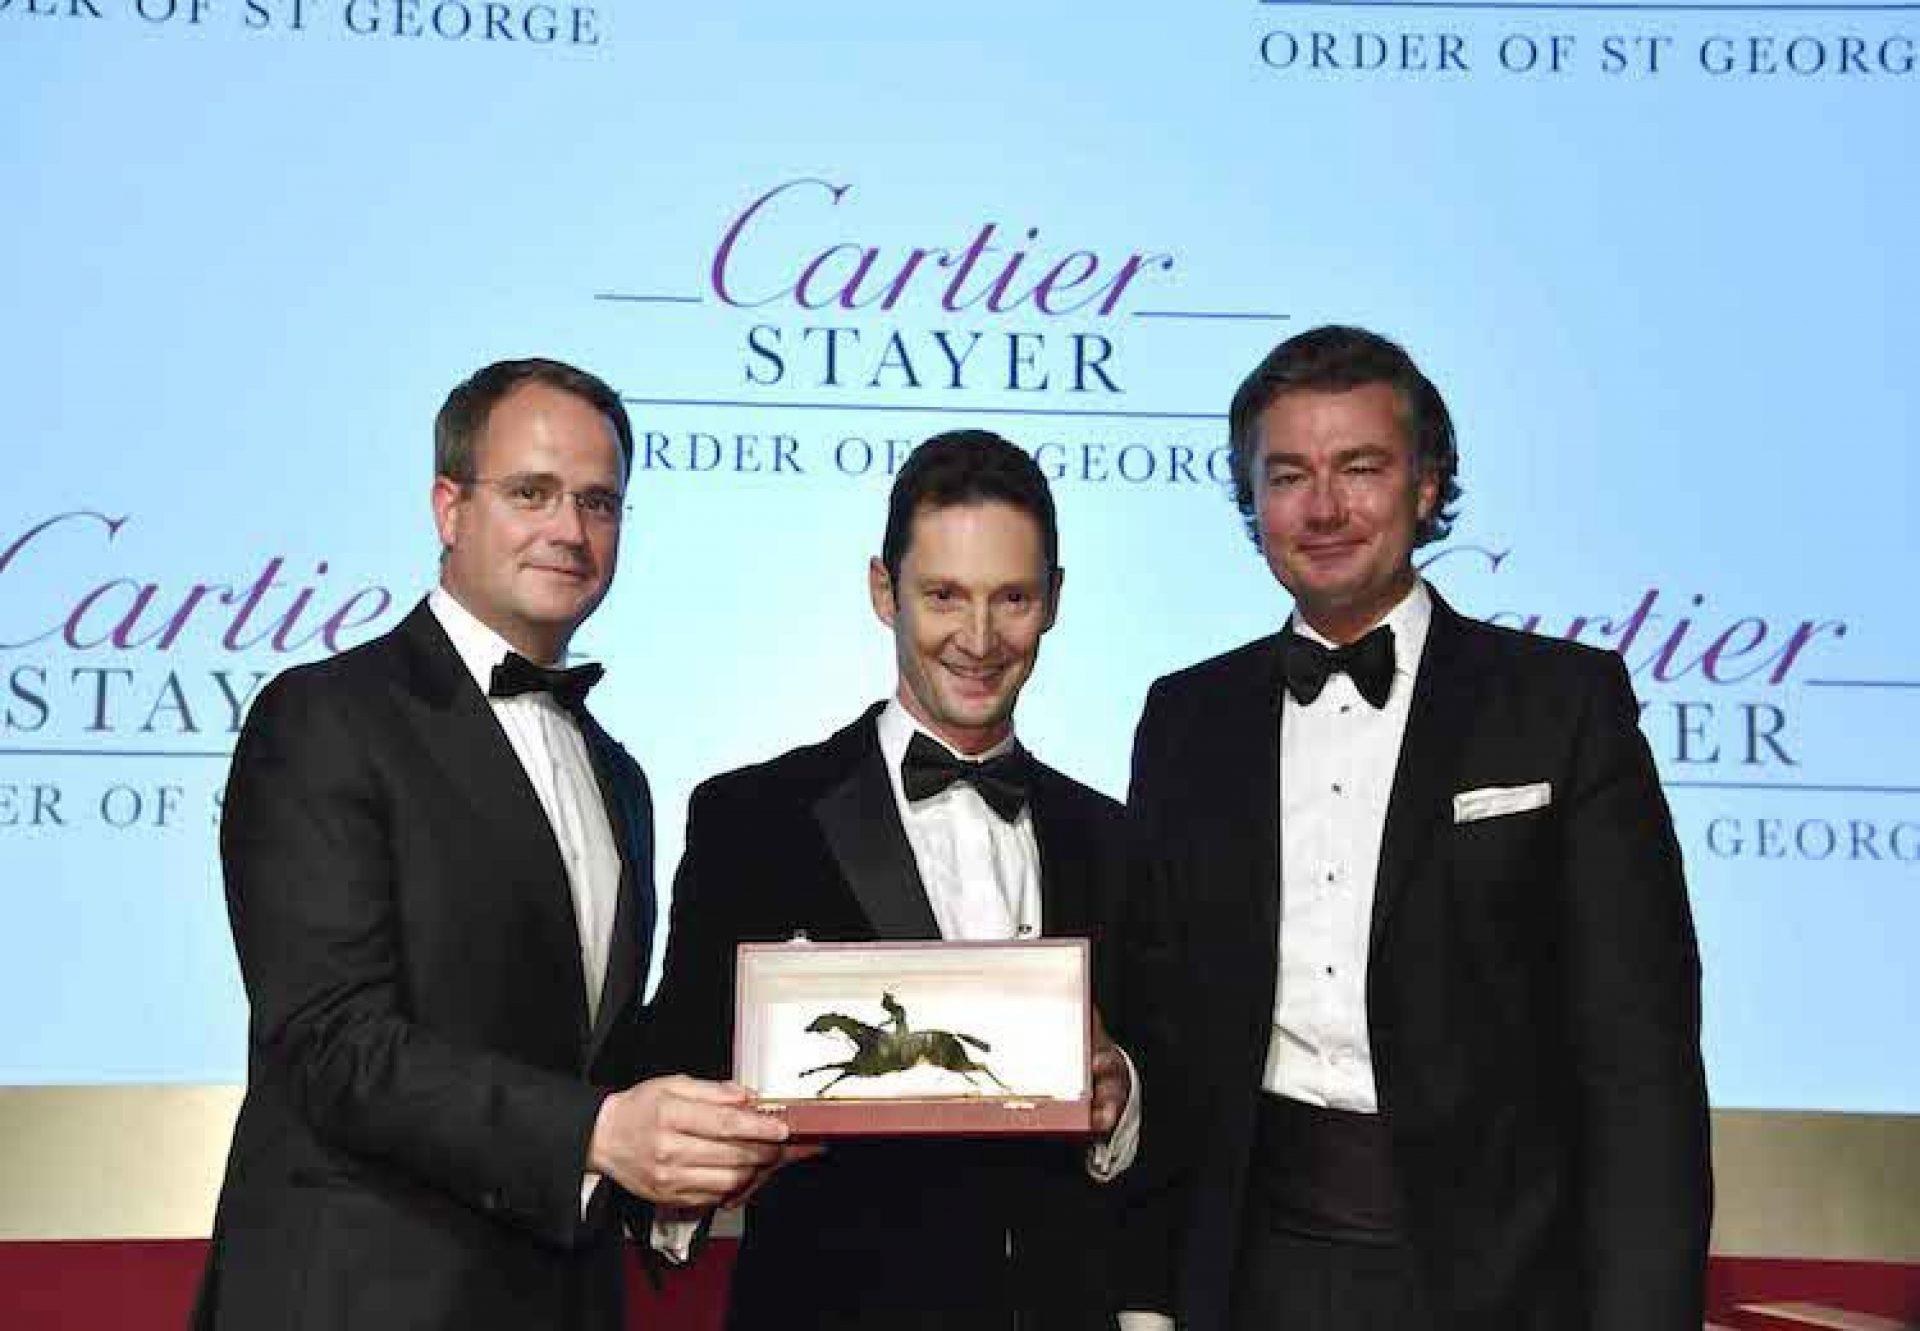 Cartier Awards